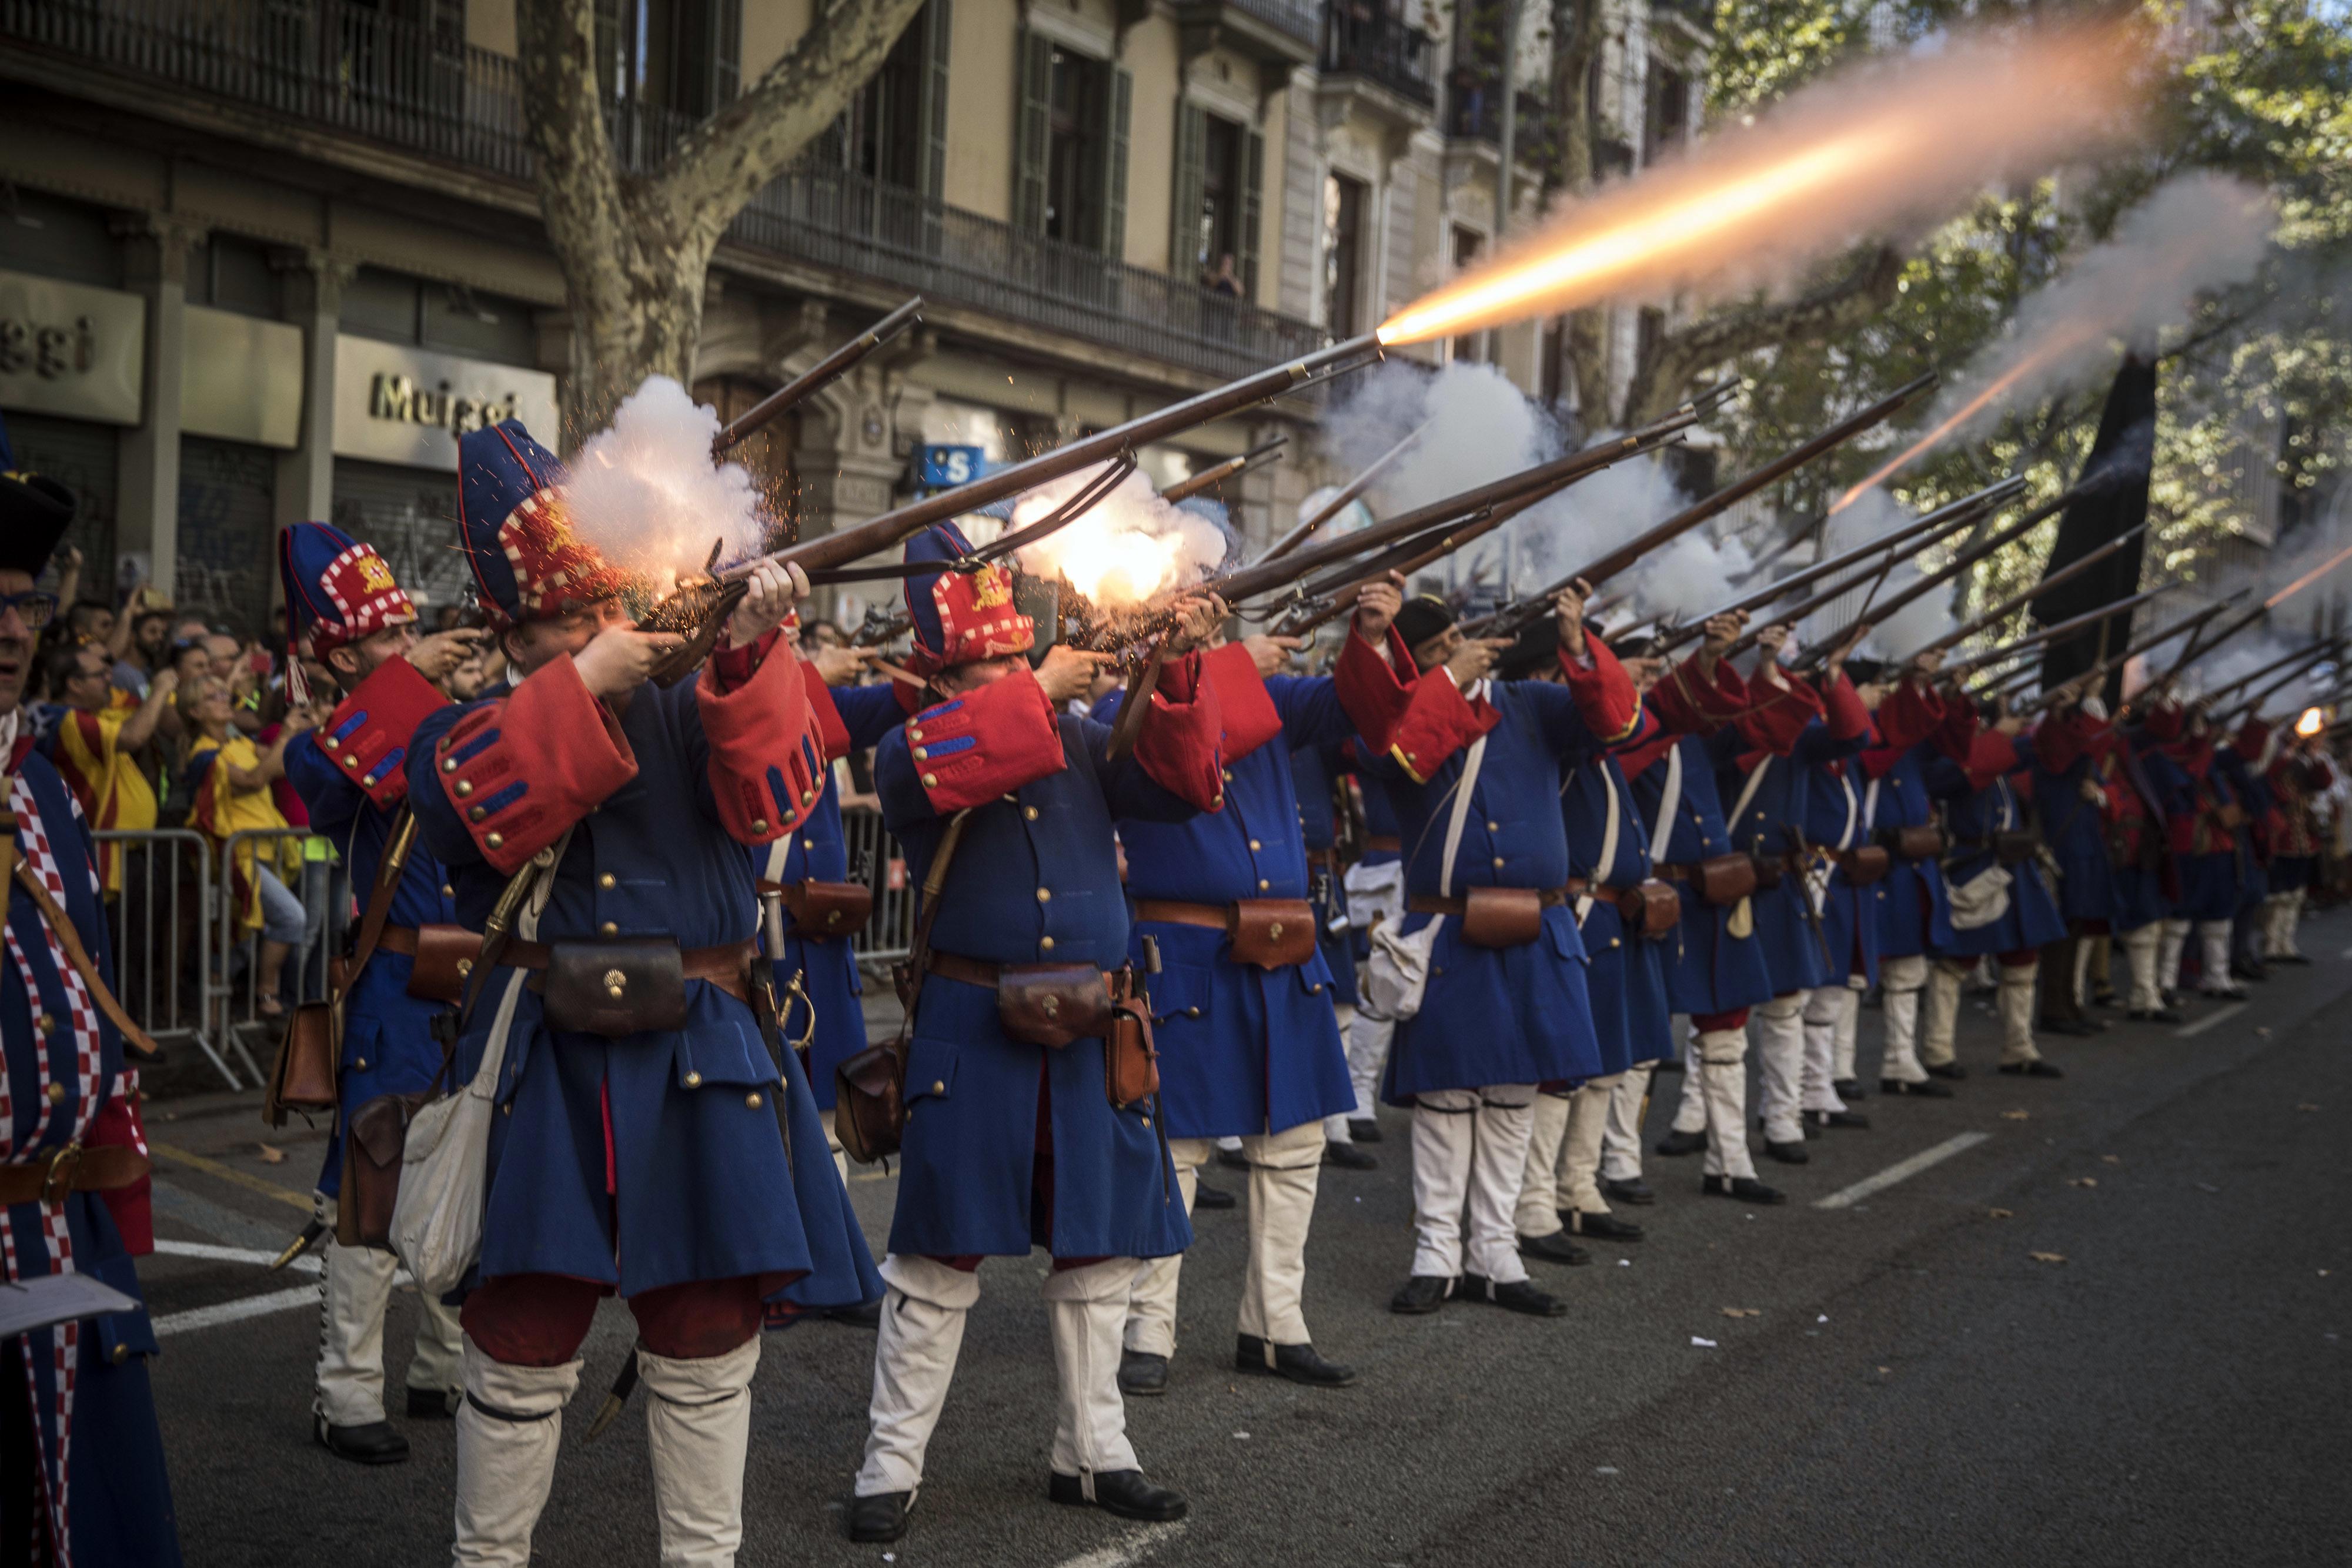 9月11日為加泰隆尼亞「國慶日」,民眾穿著18世紀時期加泰隆尼亞軍人的服飾慶祝「國慶日」。(美聯社)